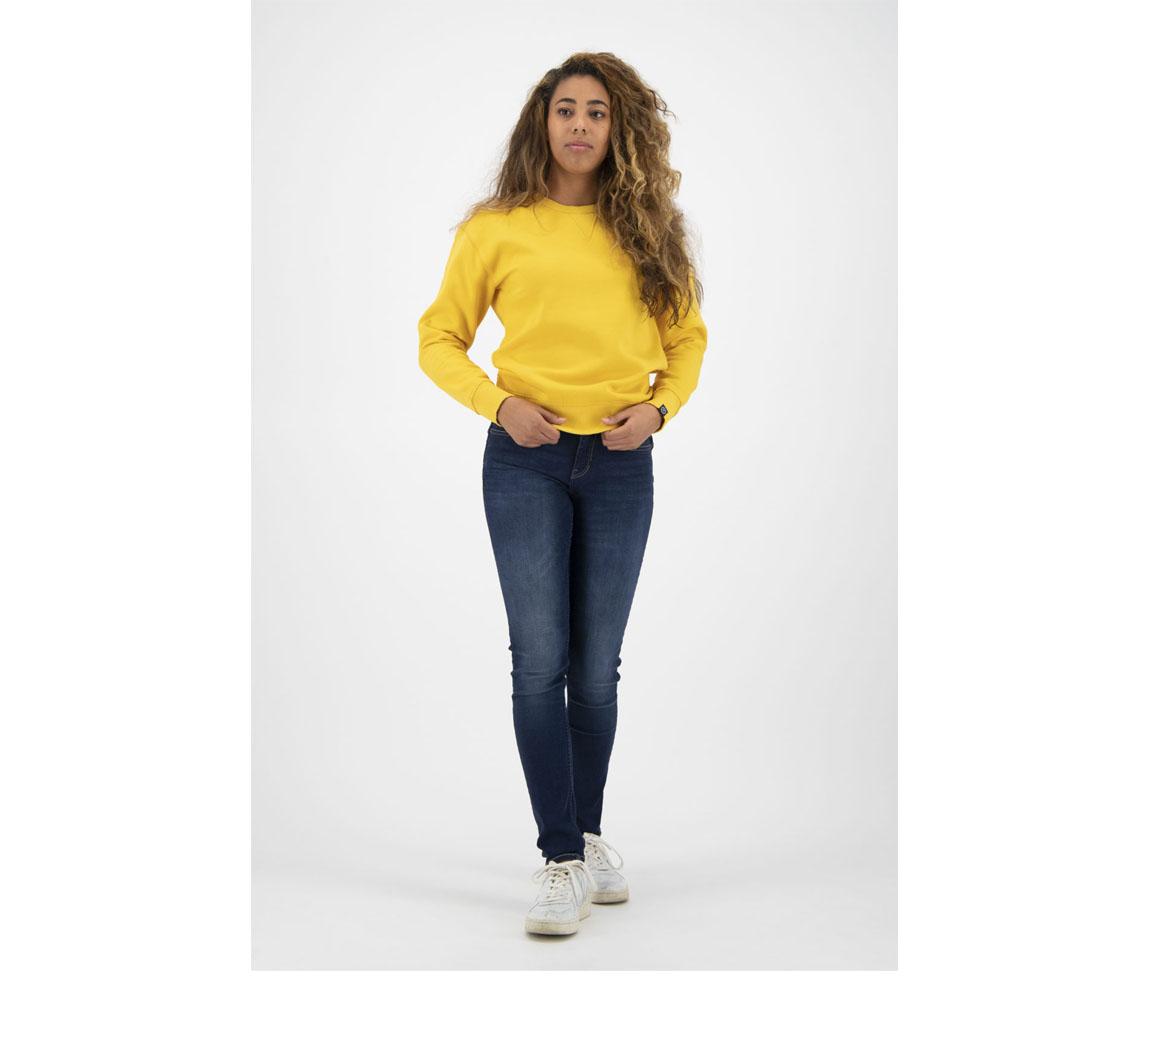 Sweat femme jaune Skyler Sweater